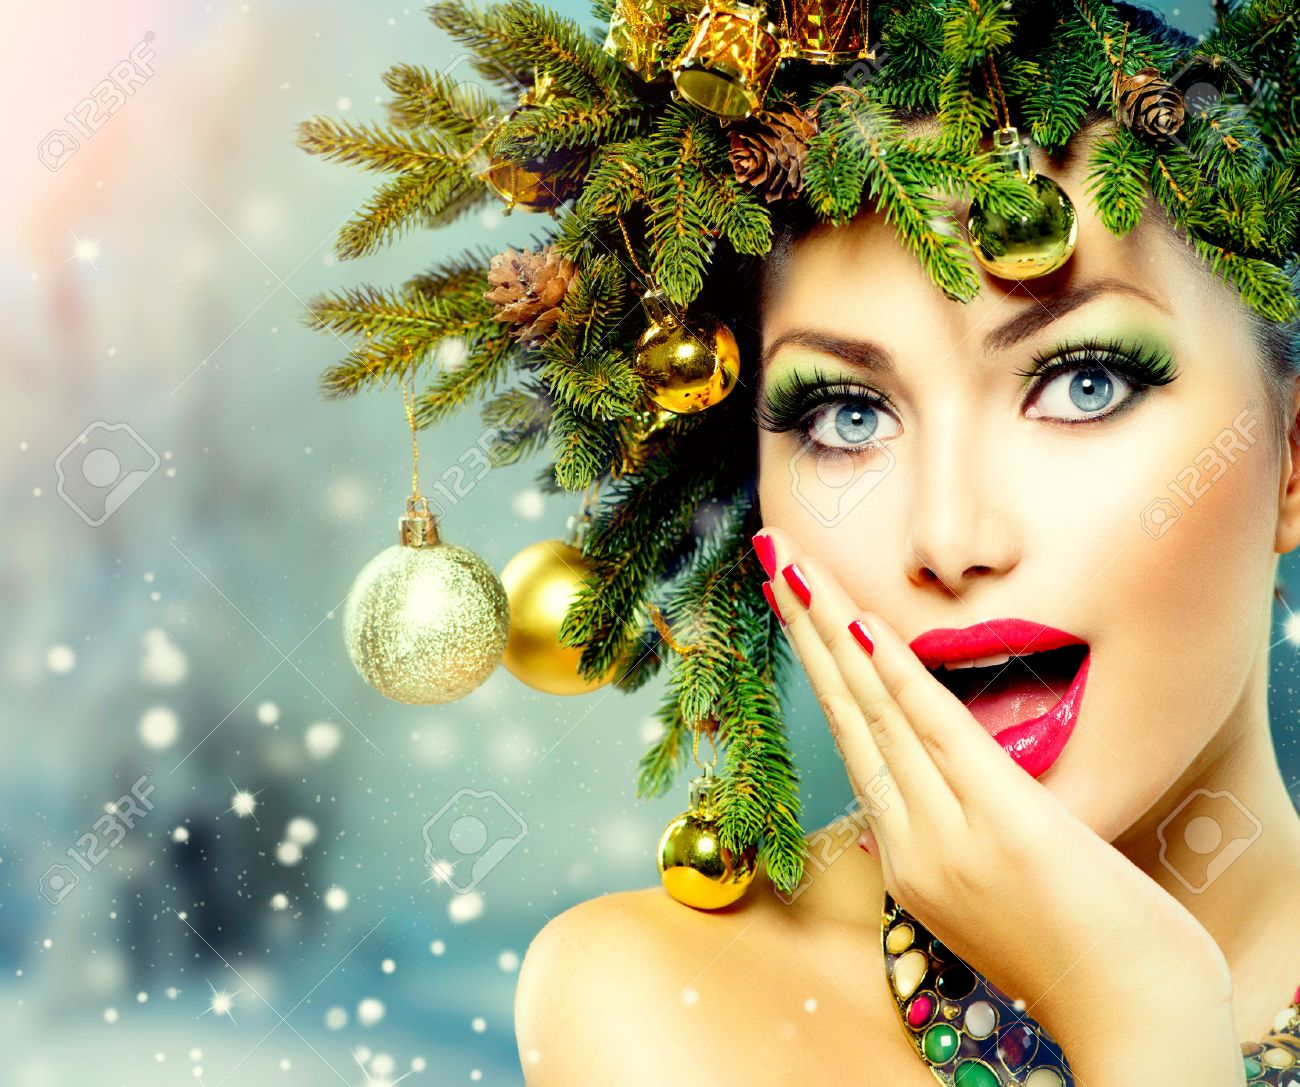 Christmas Woman  Christmas Tree Holiday Hairstyle and Makeup Stock Photo - 24099523